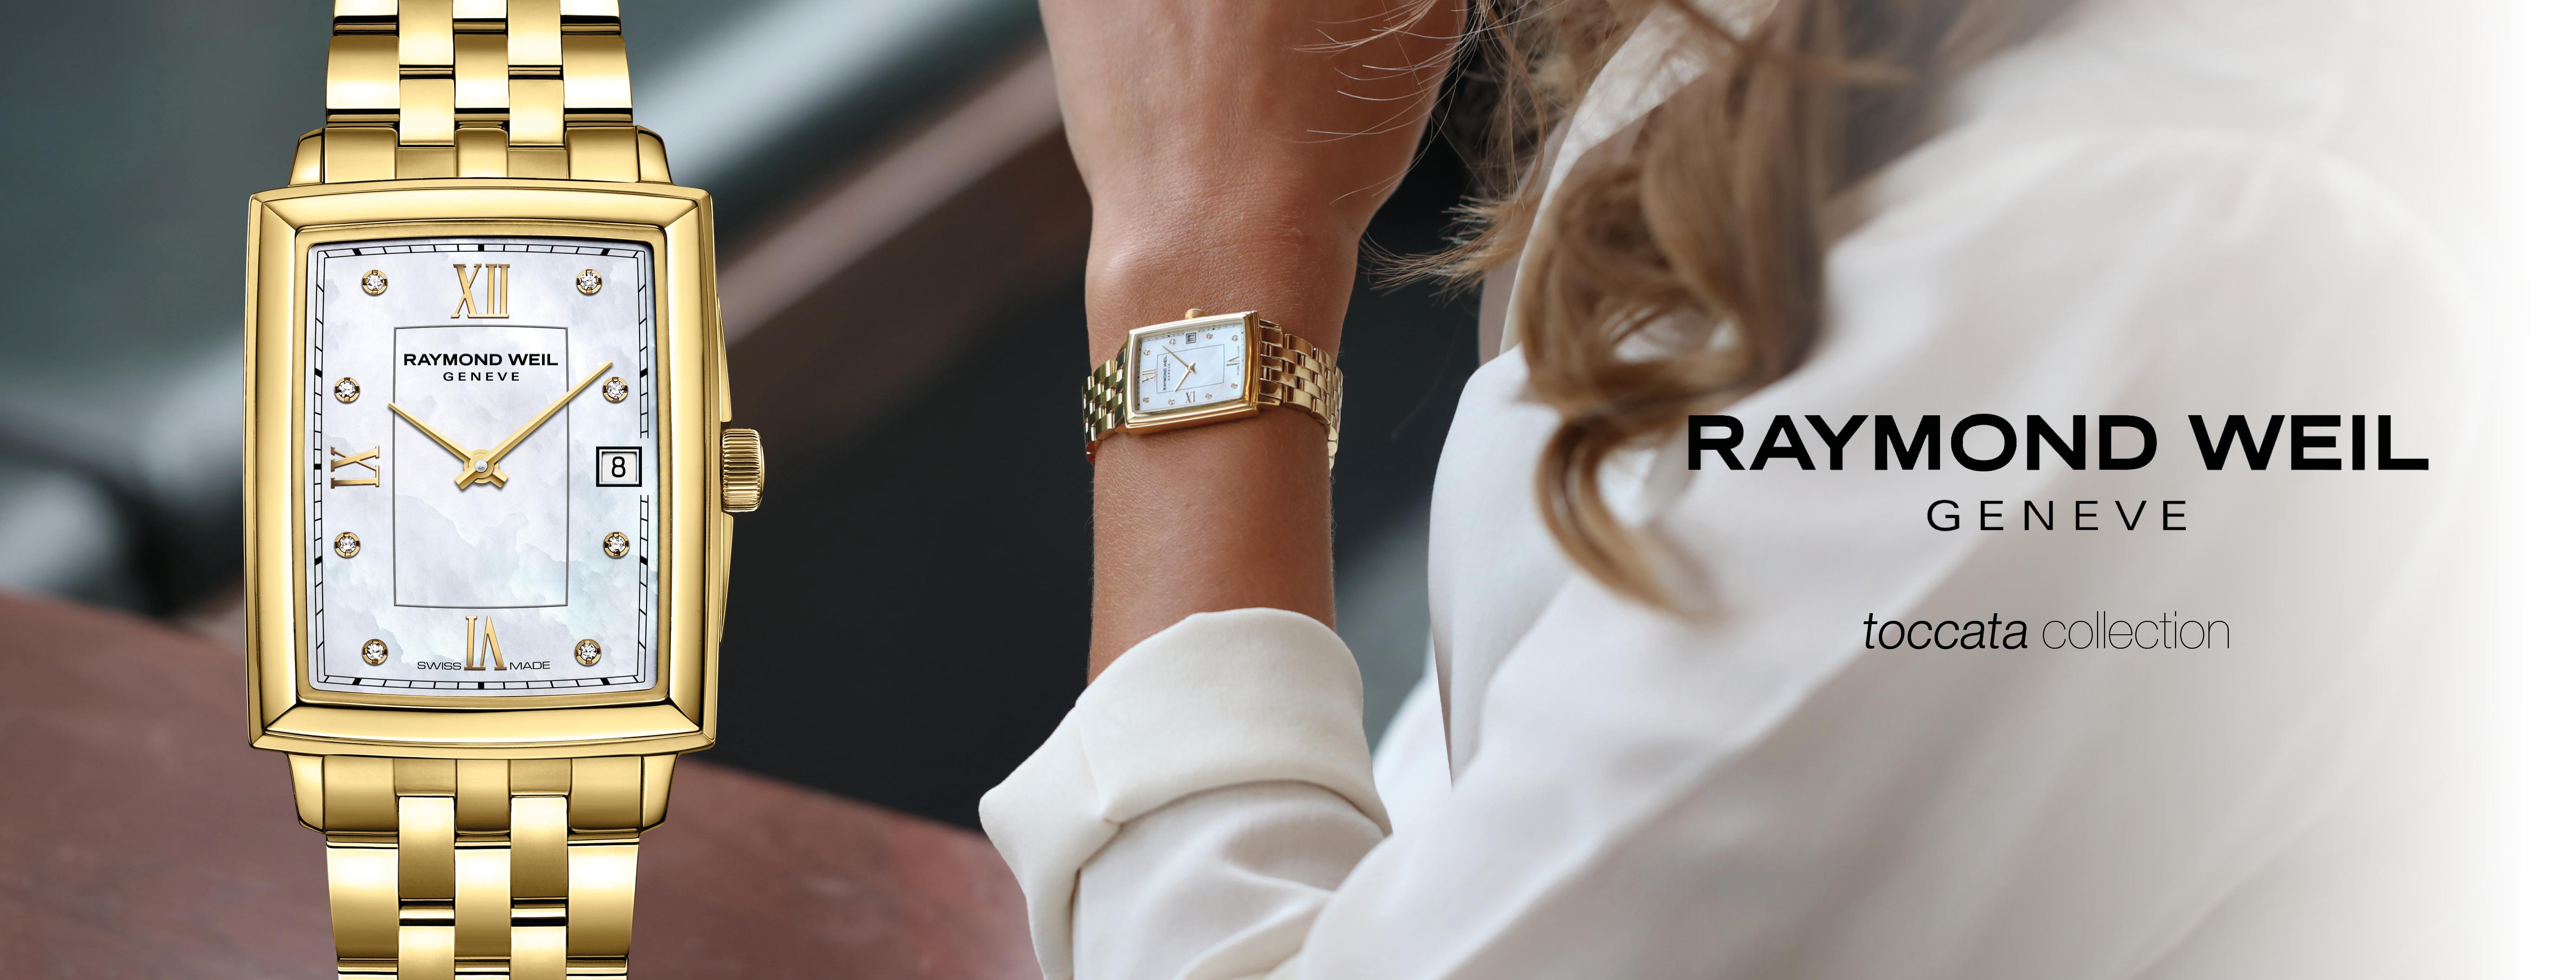 Raymond Weil Toccata naisten kello